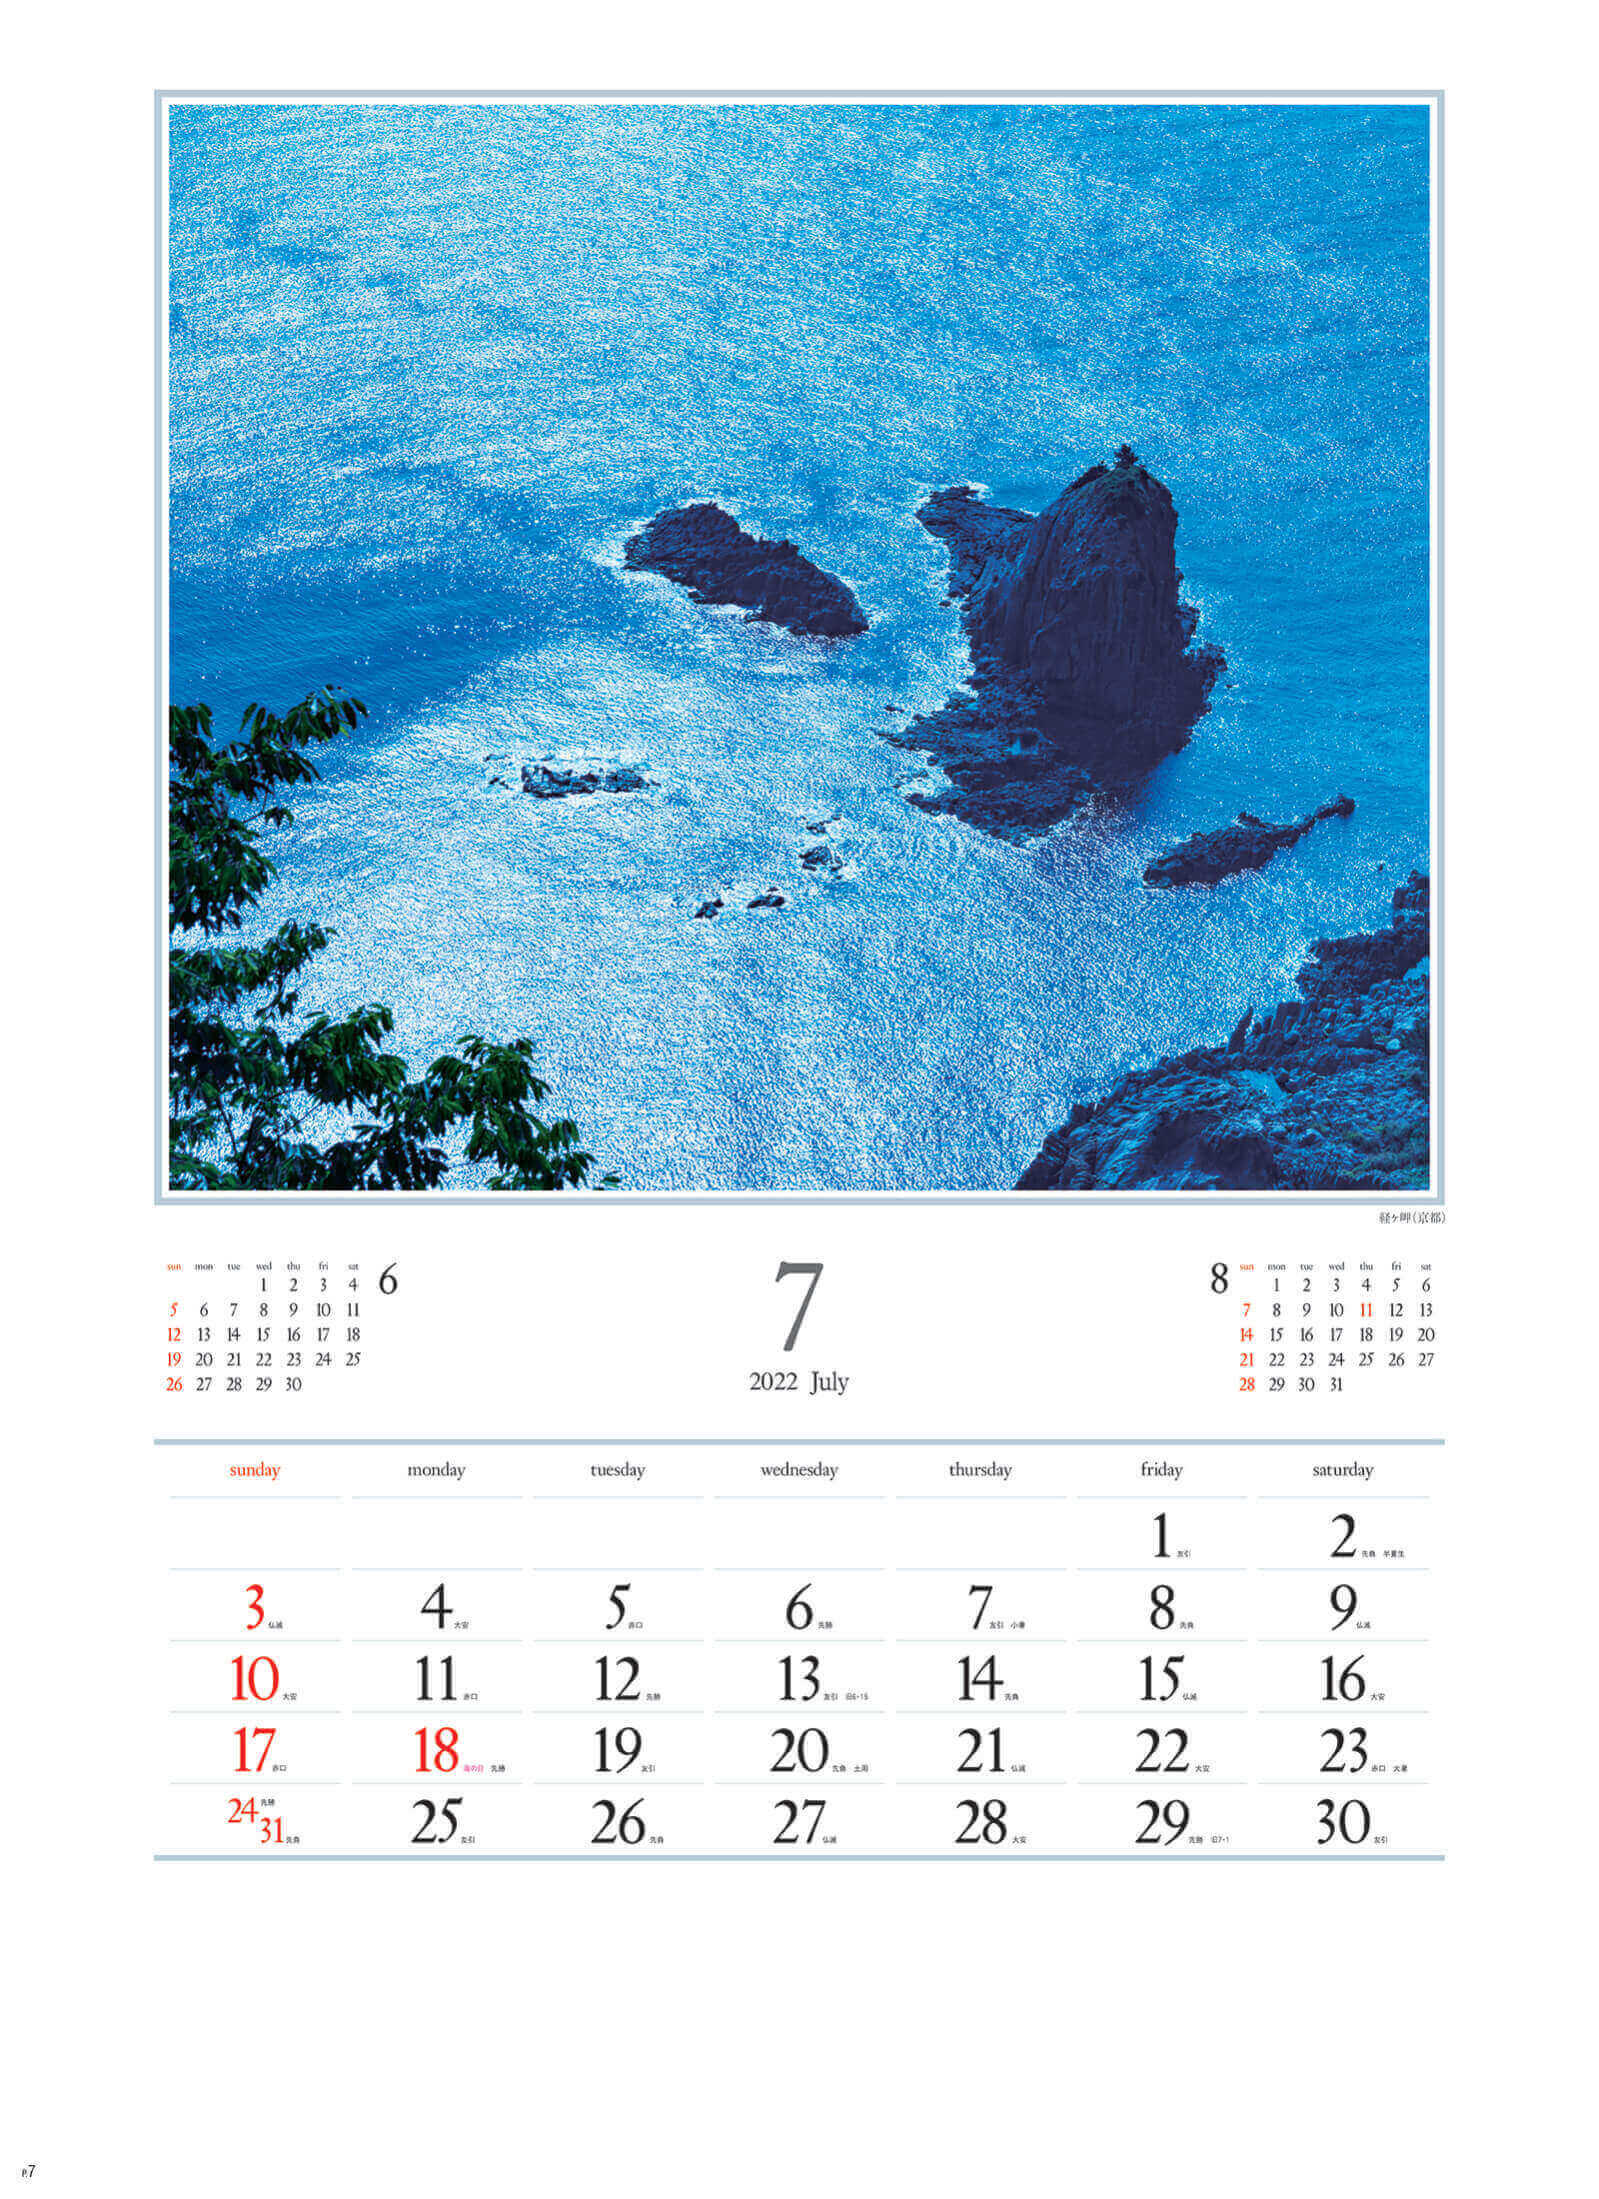 7月 経ヶ岬(京都) 日本の朝 2022年カレンダーの画像